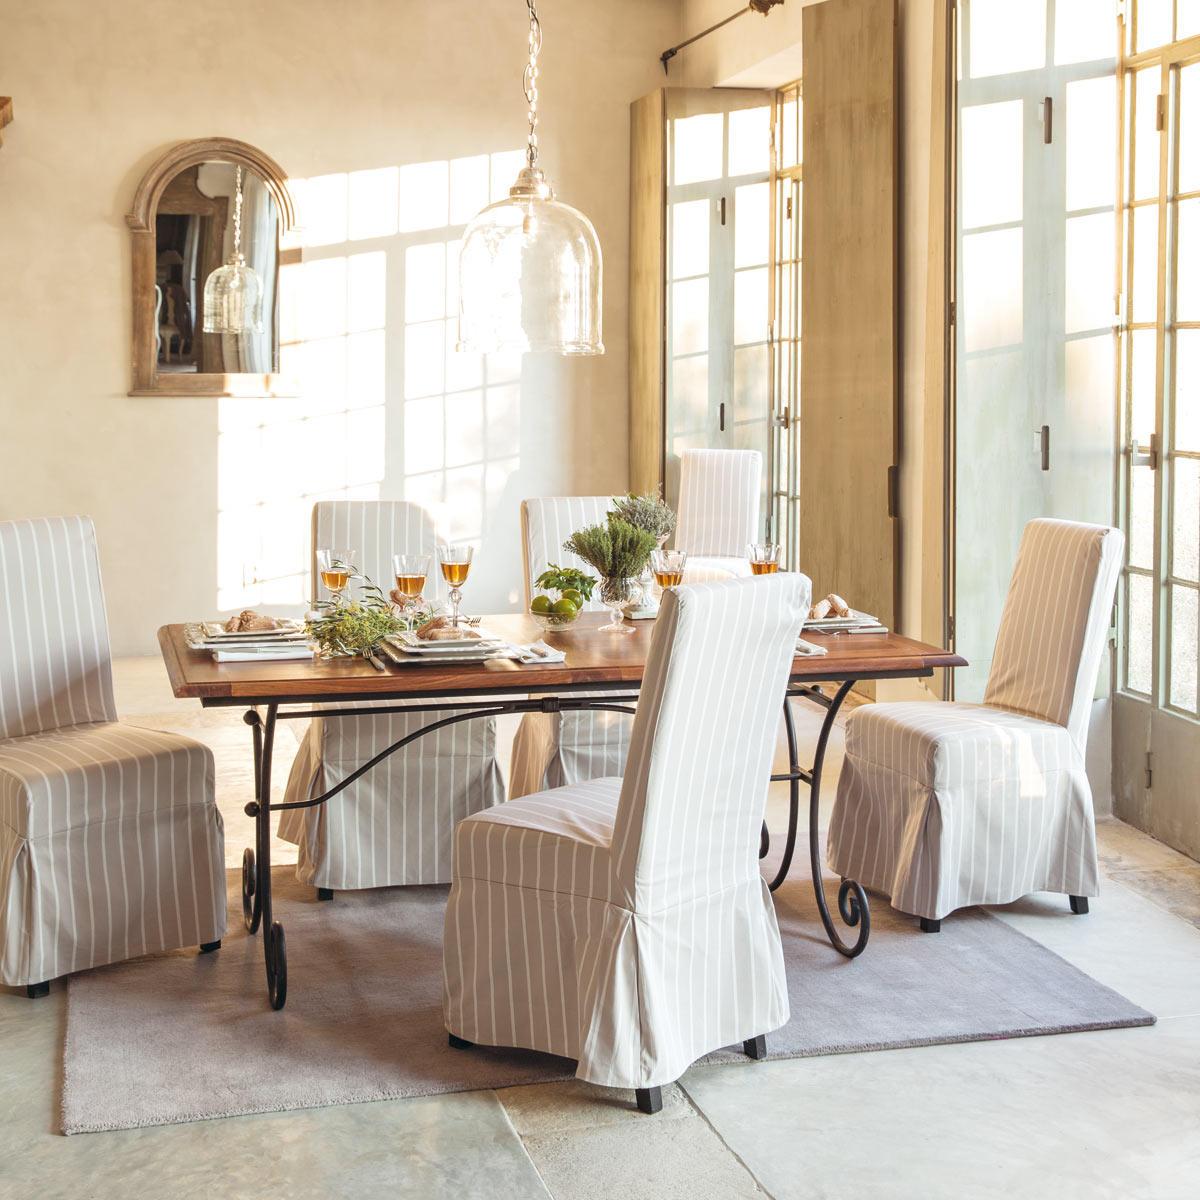 Cucine Maison du Monde: accessori e mobili in stile shabby (FOTO)